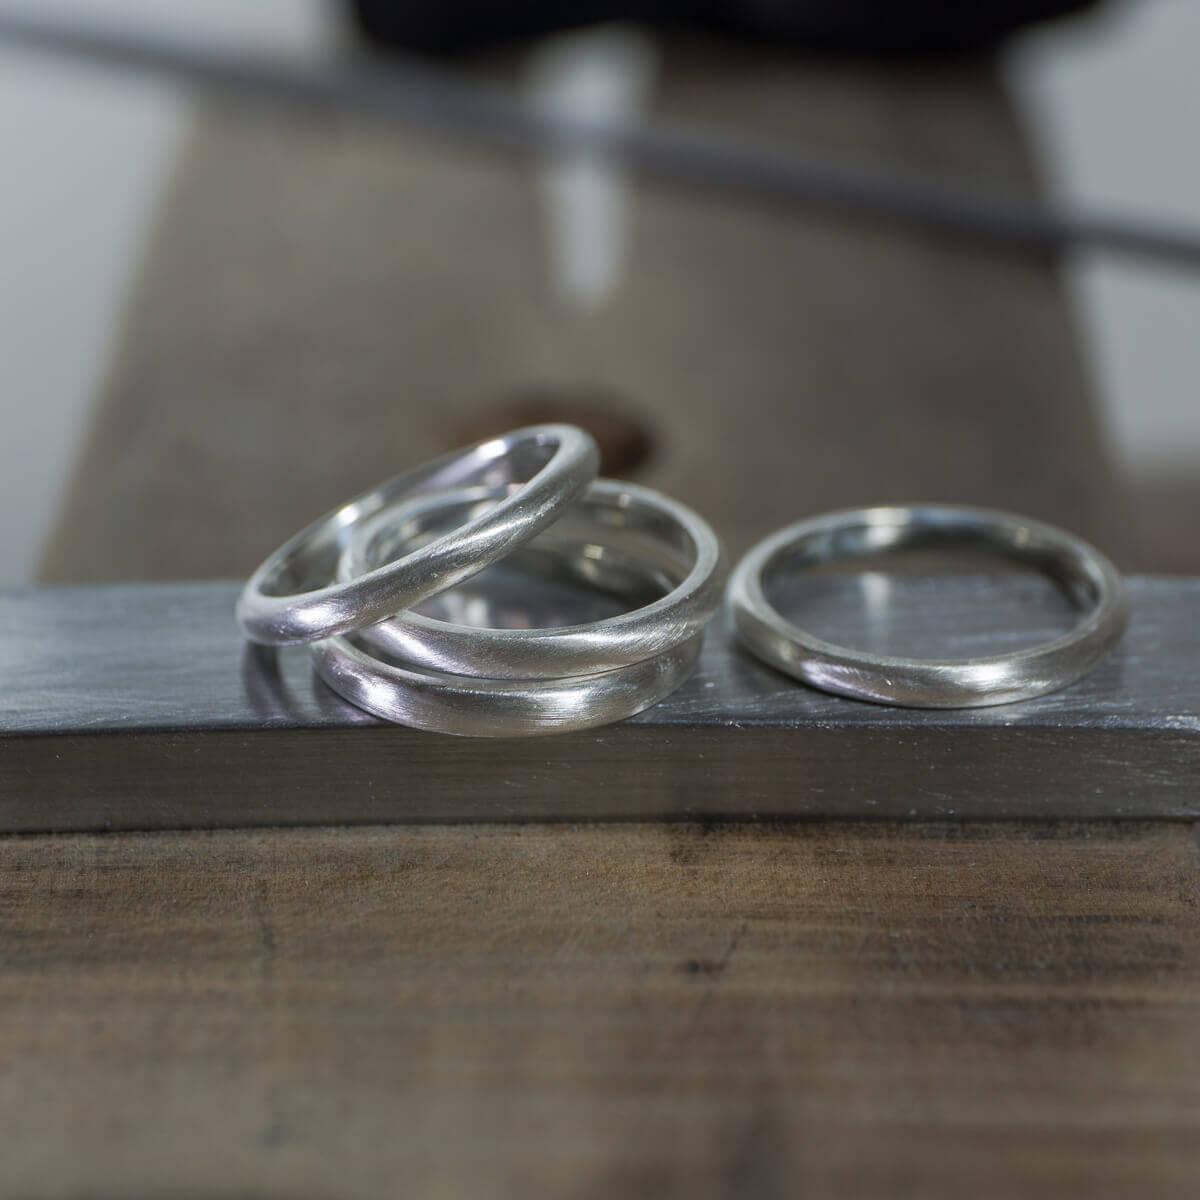 結婚10周年の記念に選ぶ指輪!サンプルリングを作る。 金のツワブキリング、銀のツワブキリング。 2018夏の思い出